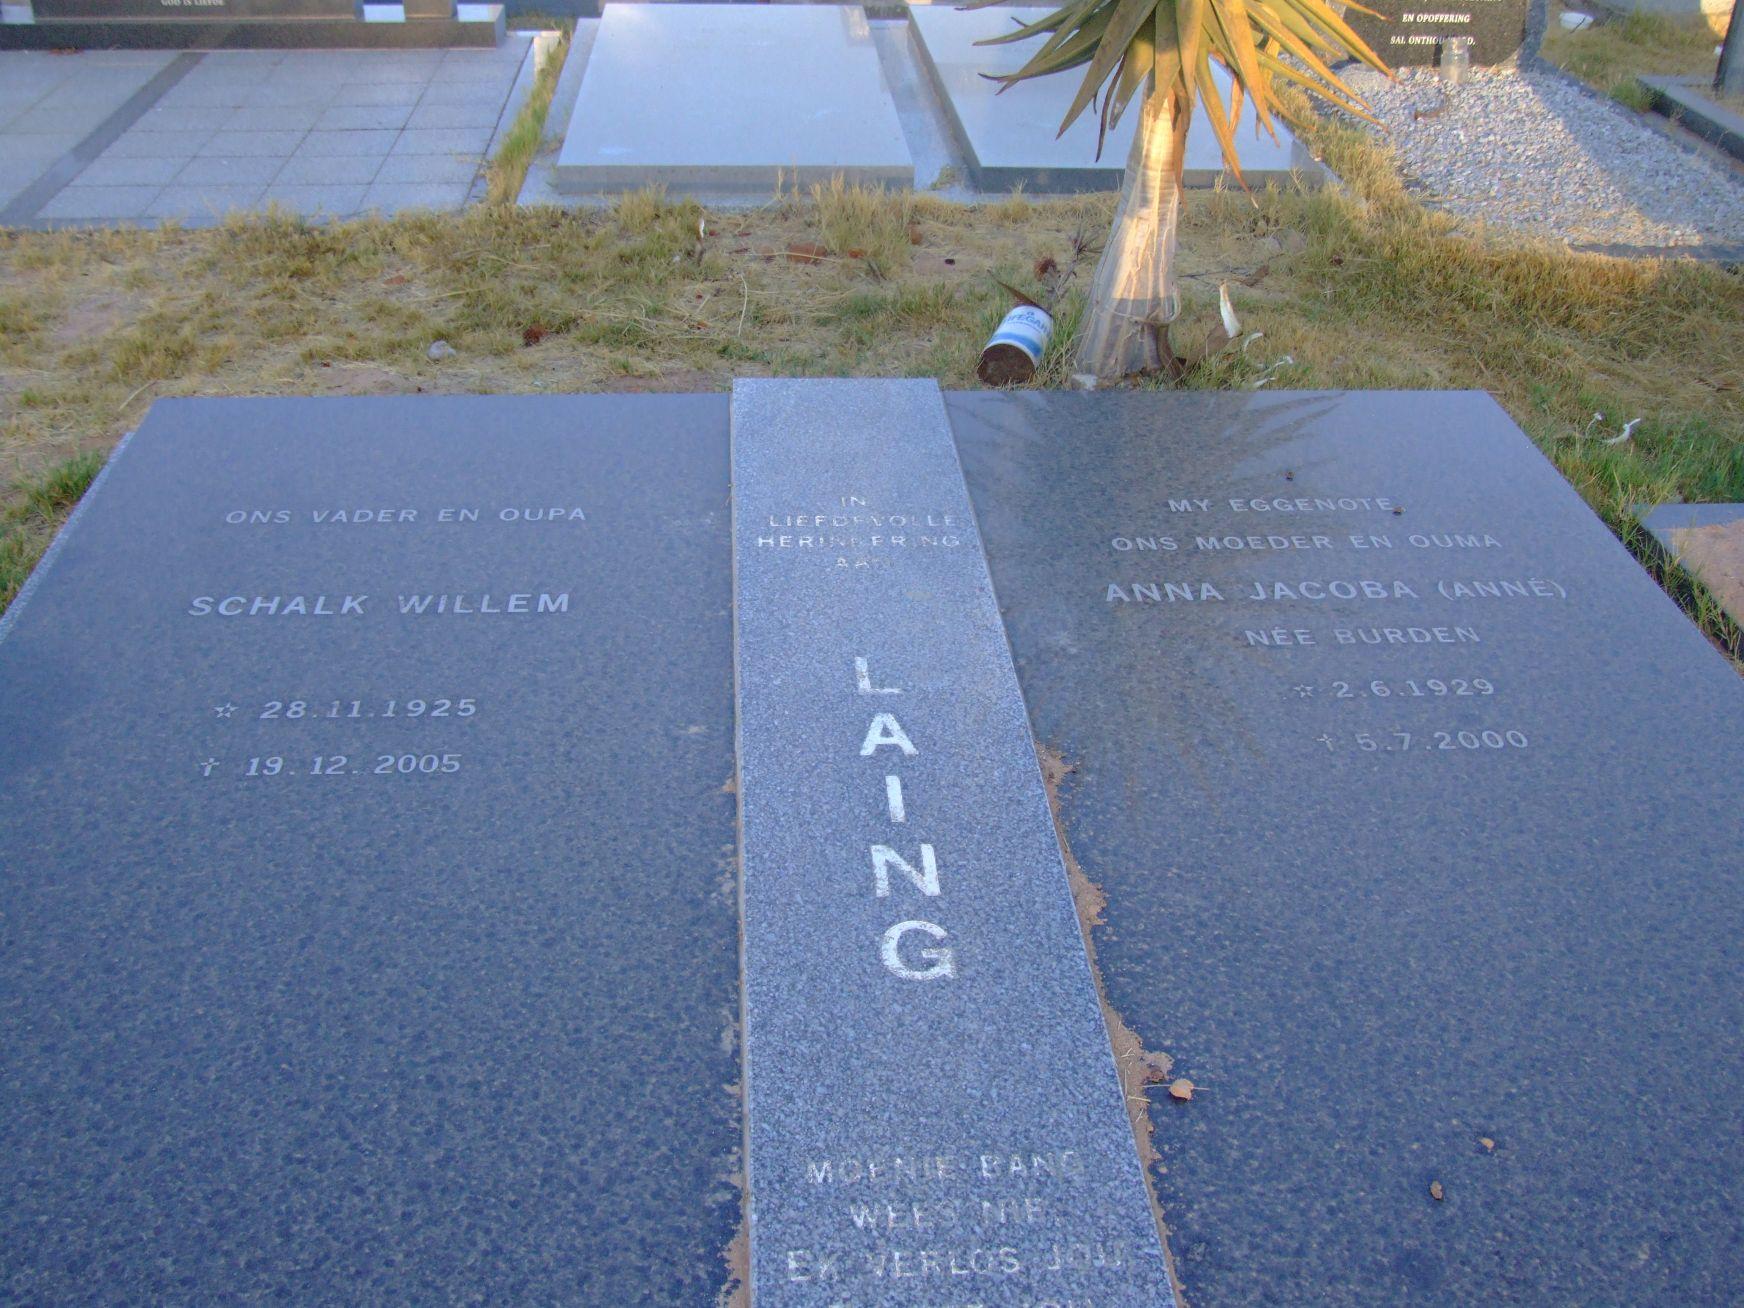 Laing,Schalk Willem & Anna jacoba (Anne) nee Burden